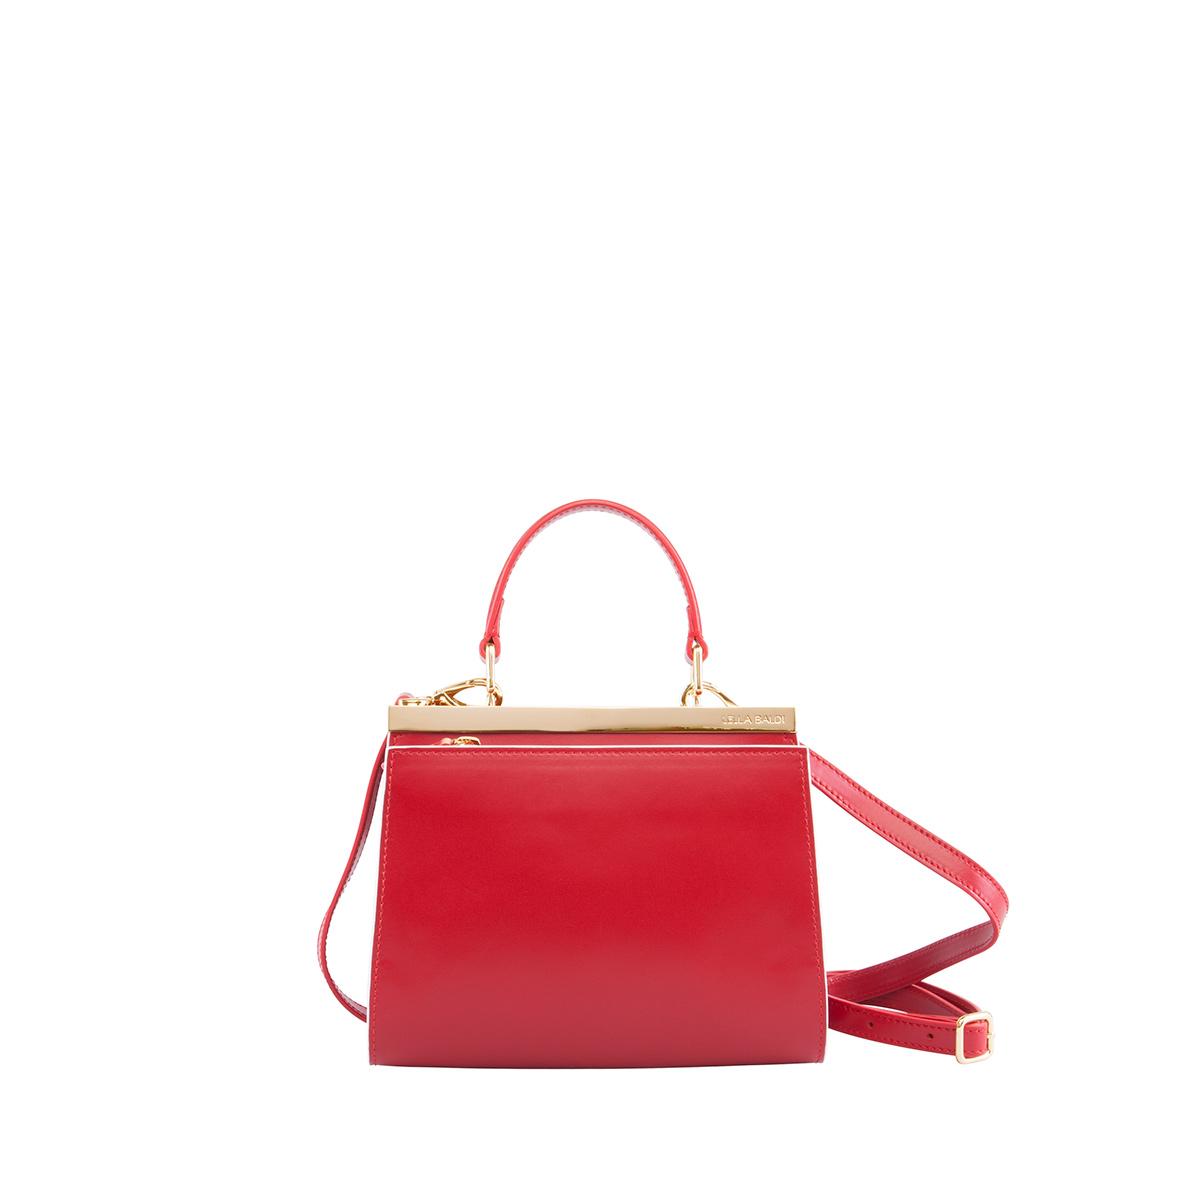 Wavy Bag Clutch, Rosso-Bianco